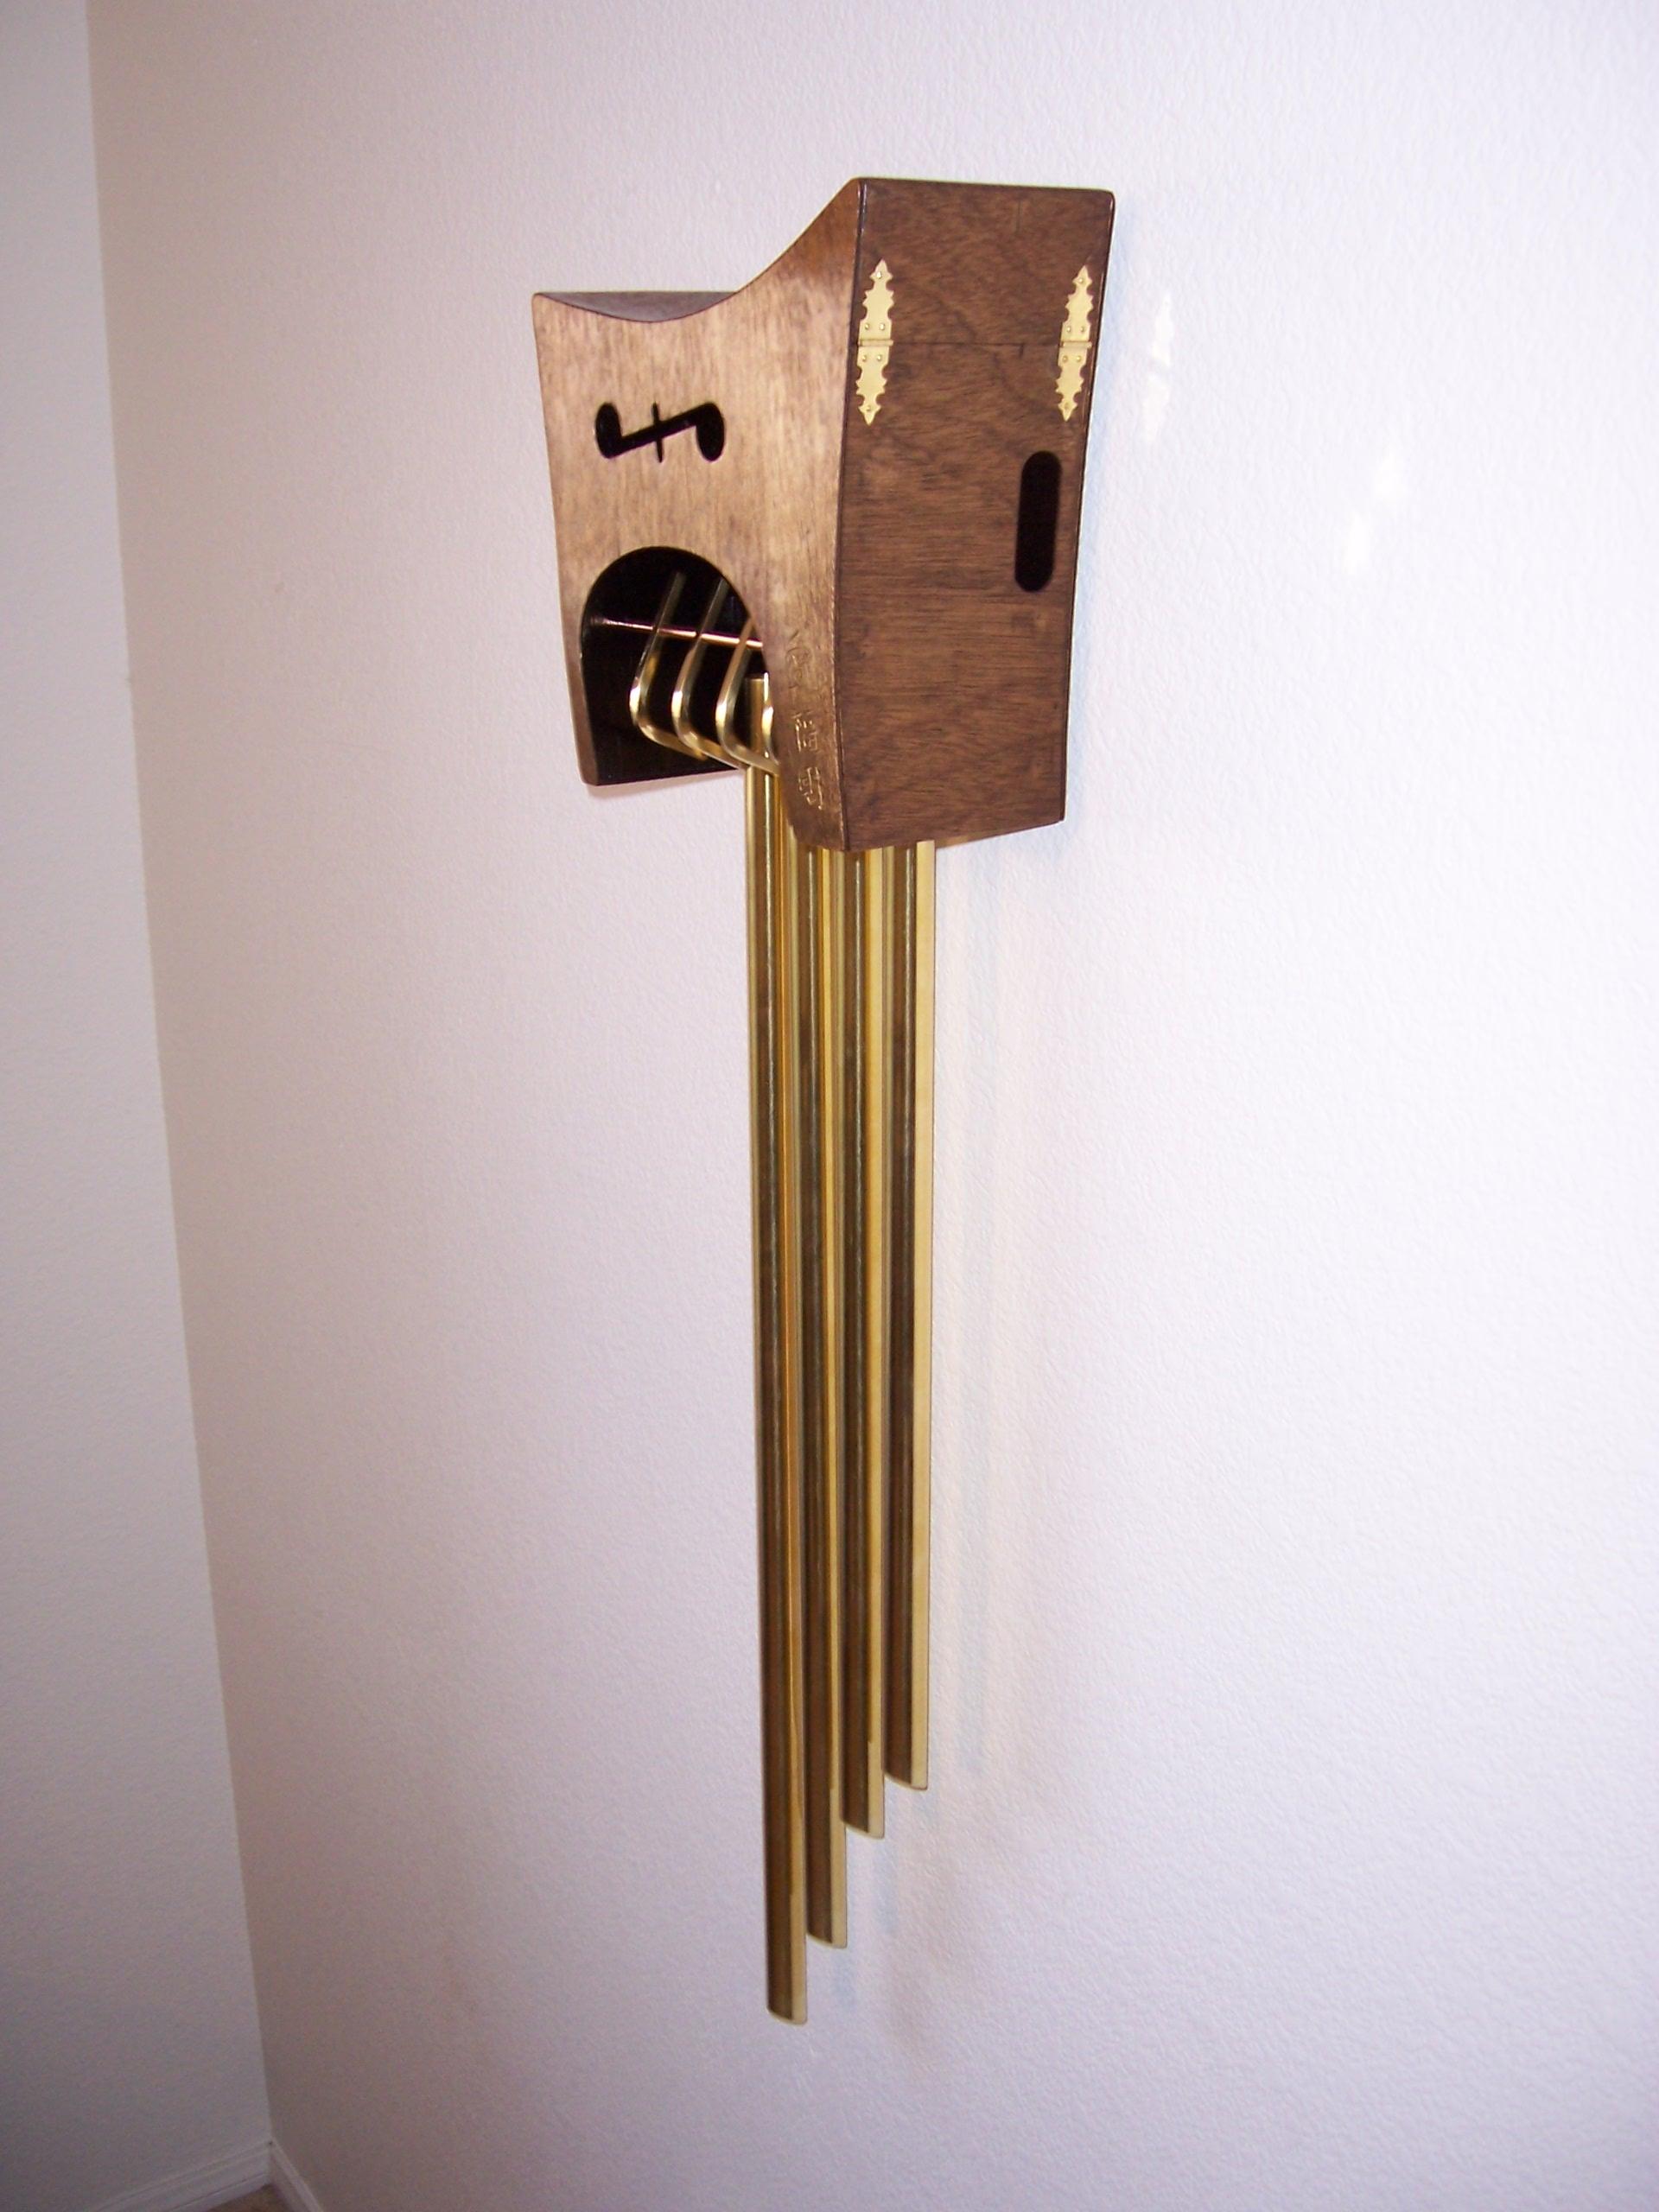 Muffu0027s Hardware